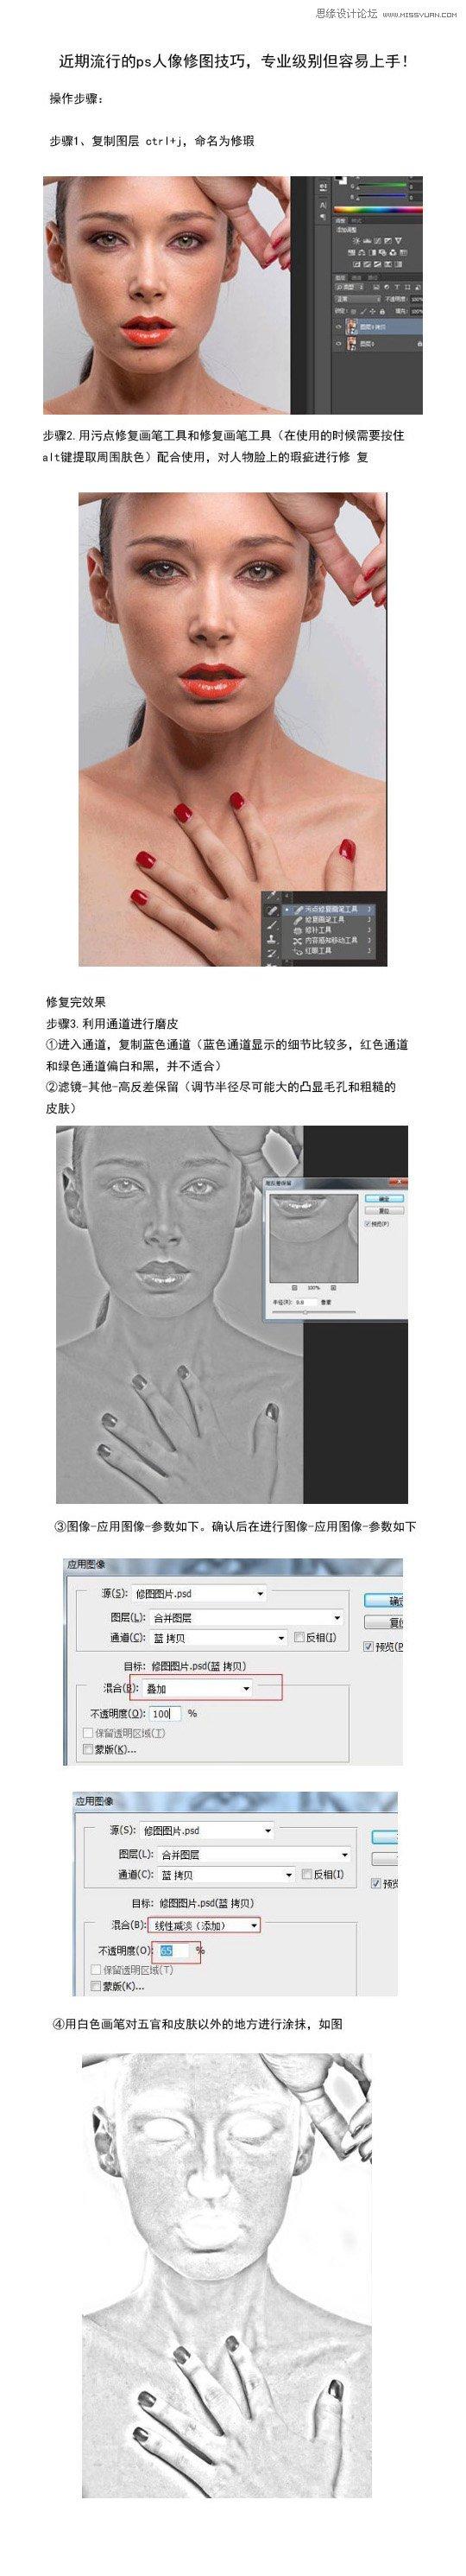 磨皮精修:超级简单的PS后期精修教程,PS教程,素材中国网